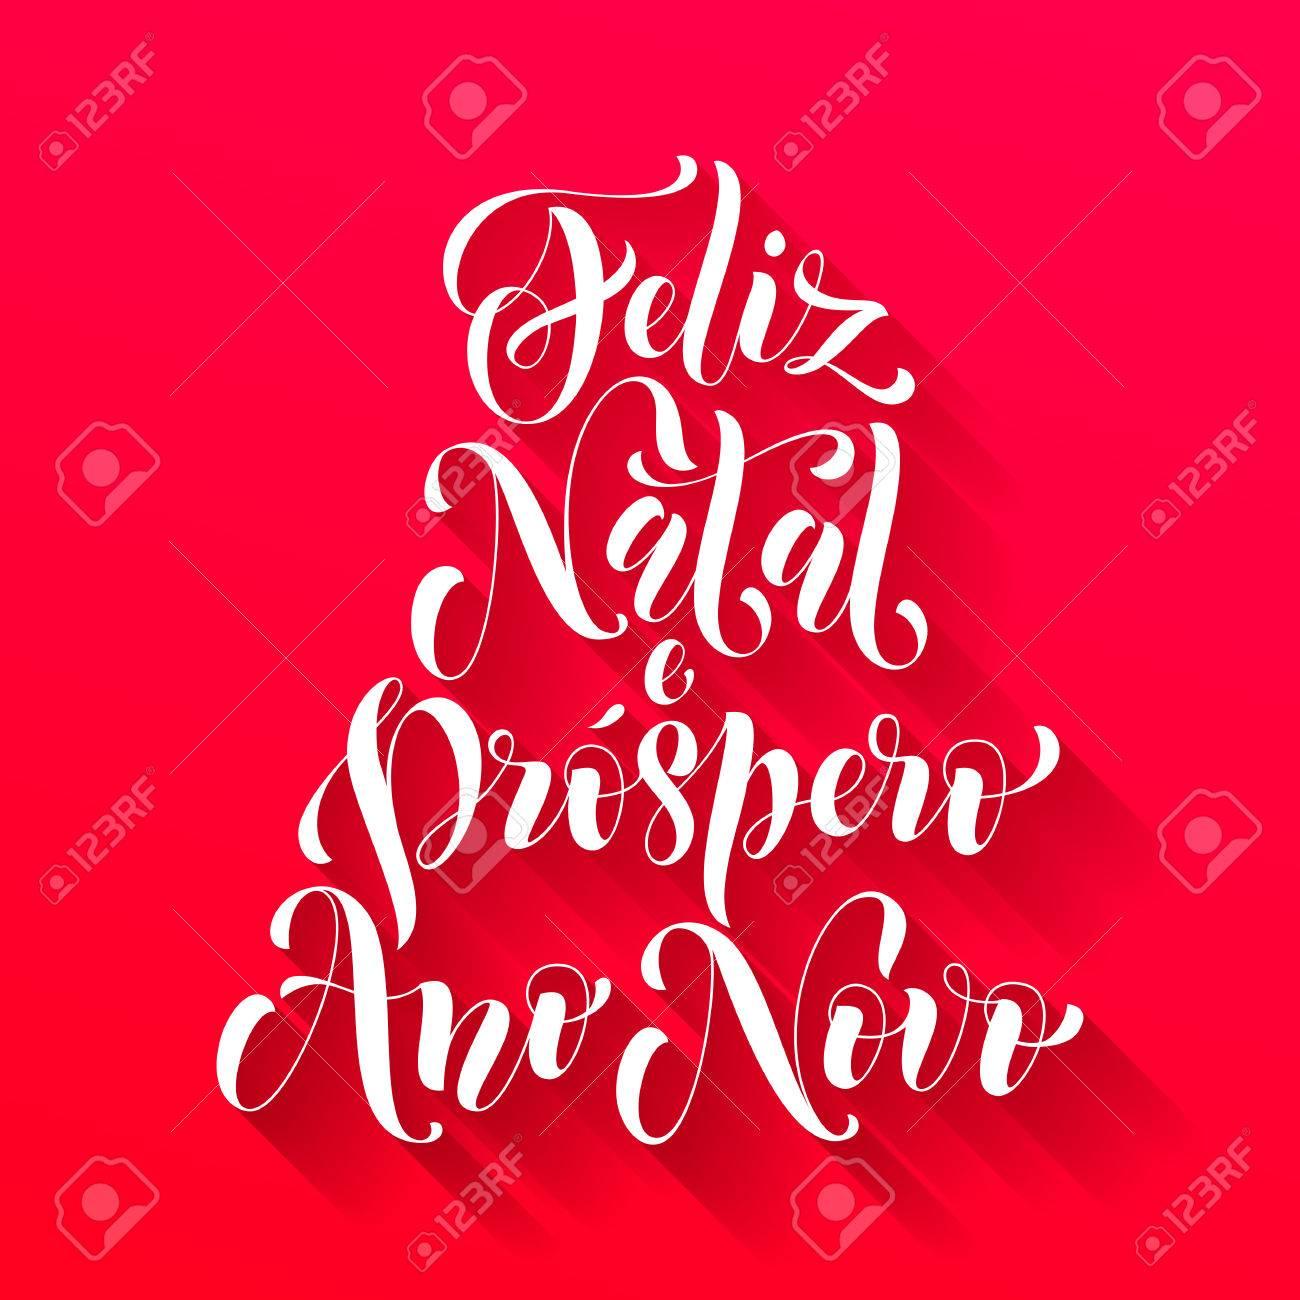 Feliz natal e prospero ano novo greeting for portuguese brazilian feliz natal e prospero ano novo greeting for portuguese brazilian merry christmas xmas m4hsunfo